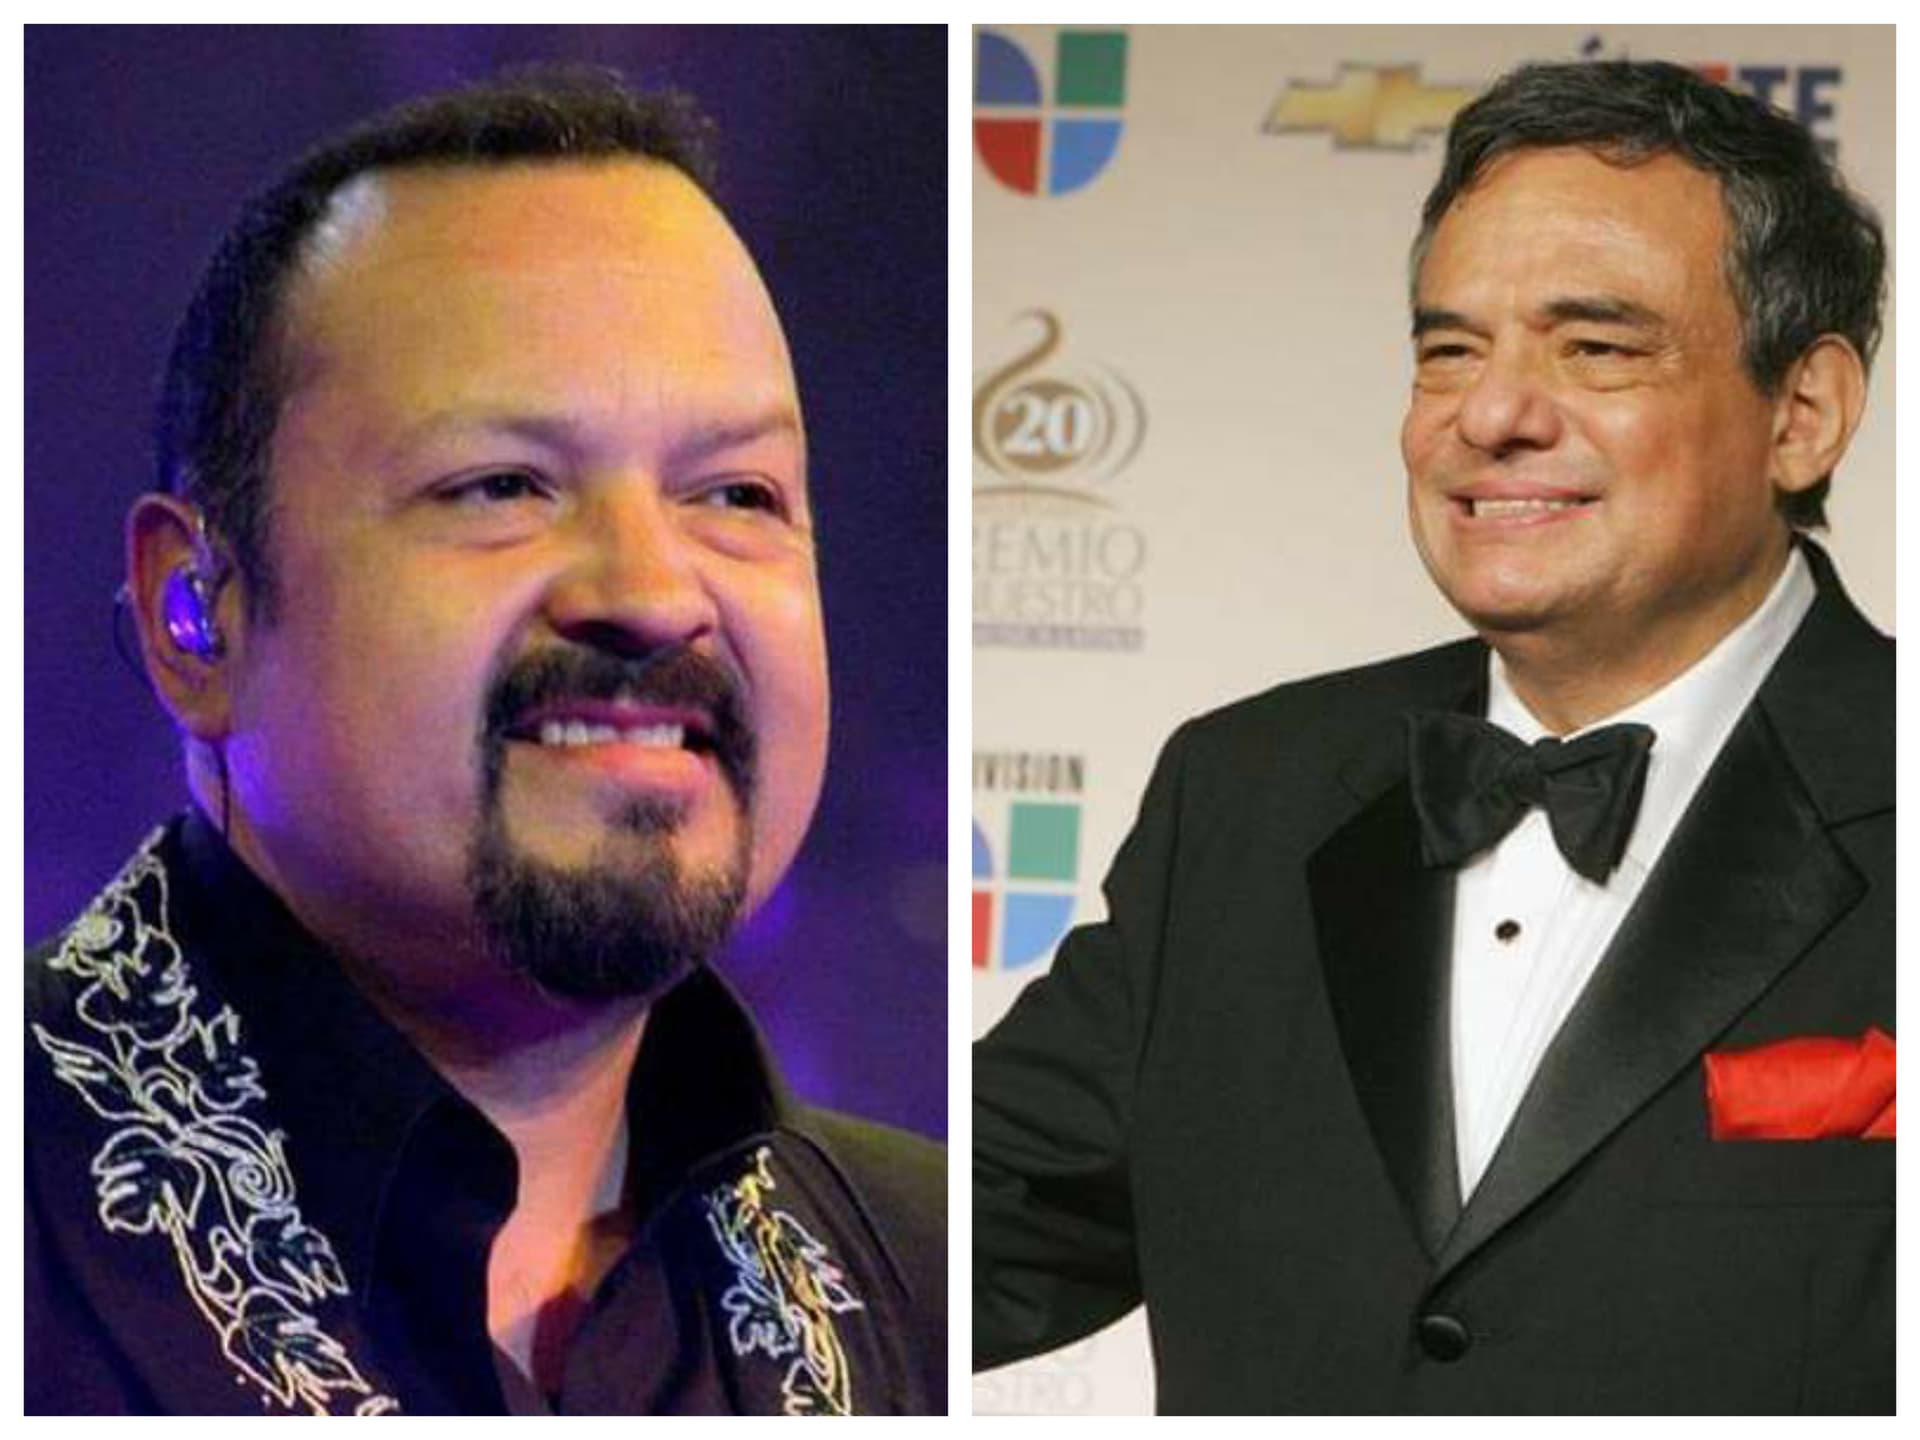 Cadena de televisión se equivoca y confunde a José José con Pepe Aguilar